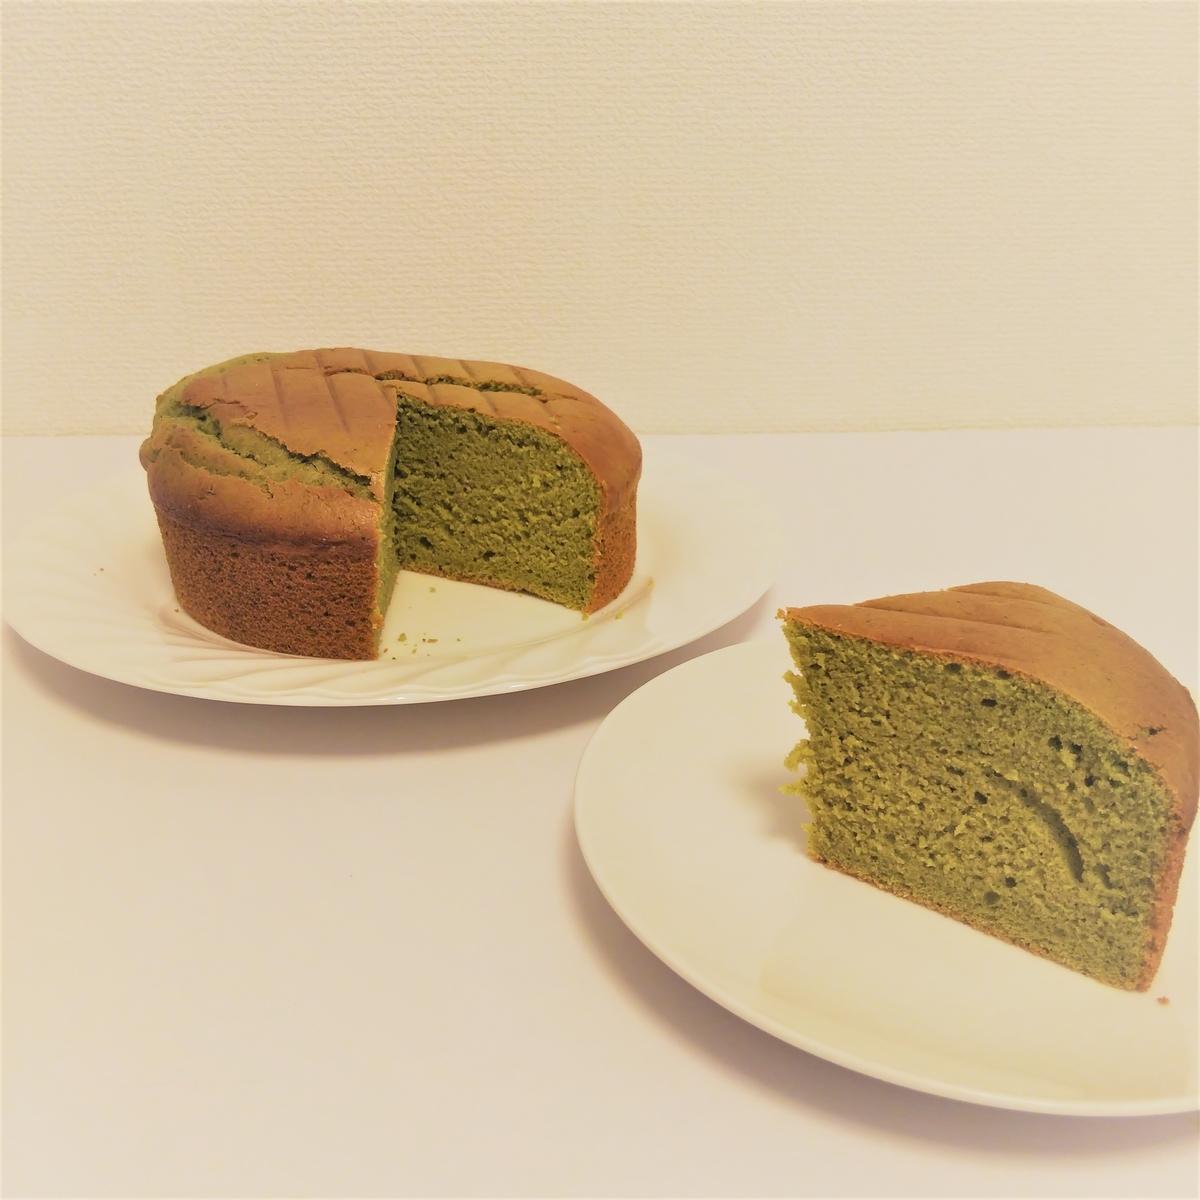 『卵白アレルギー用スポンジケーキ(抹茶味)』